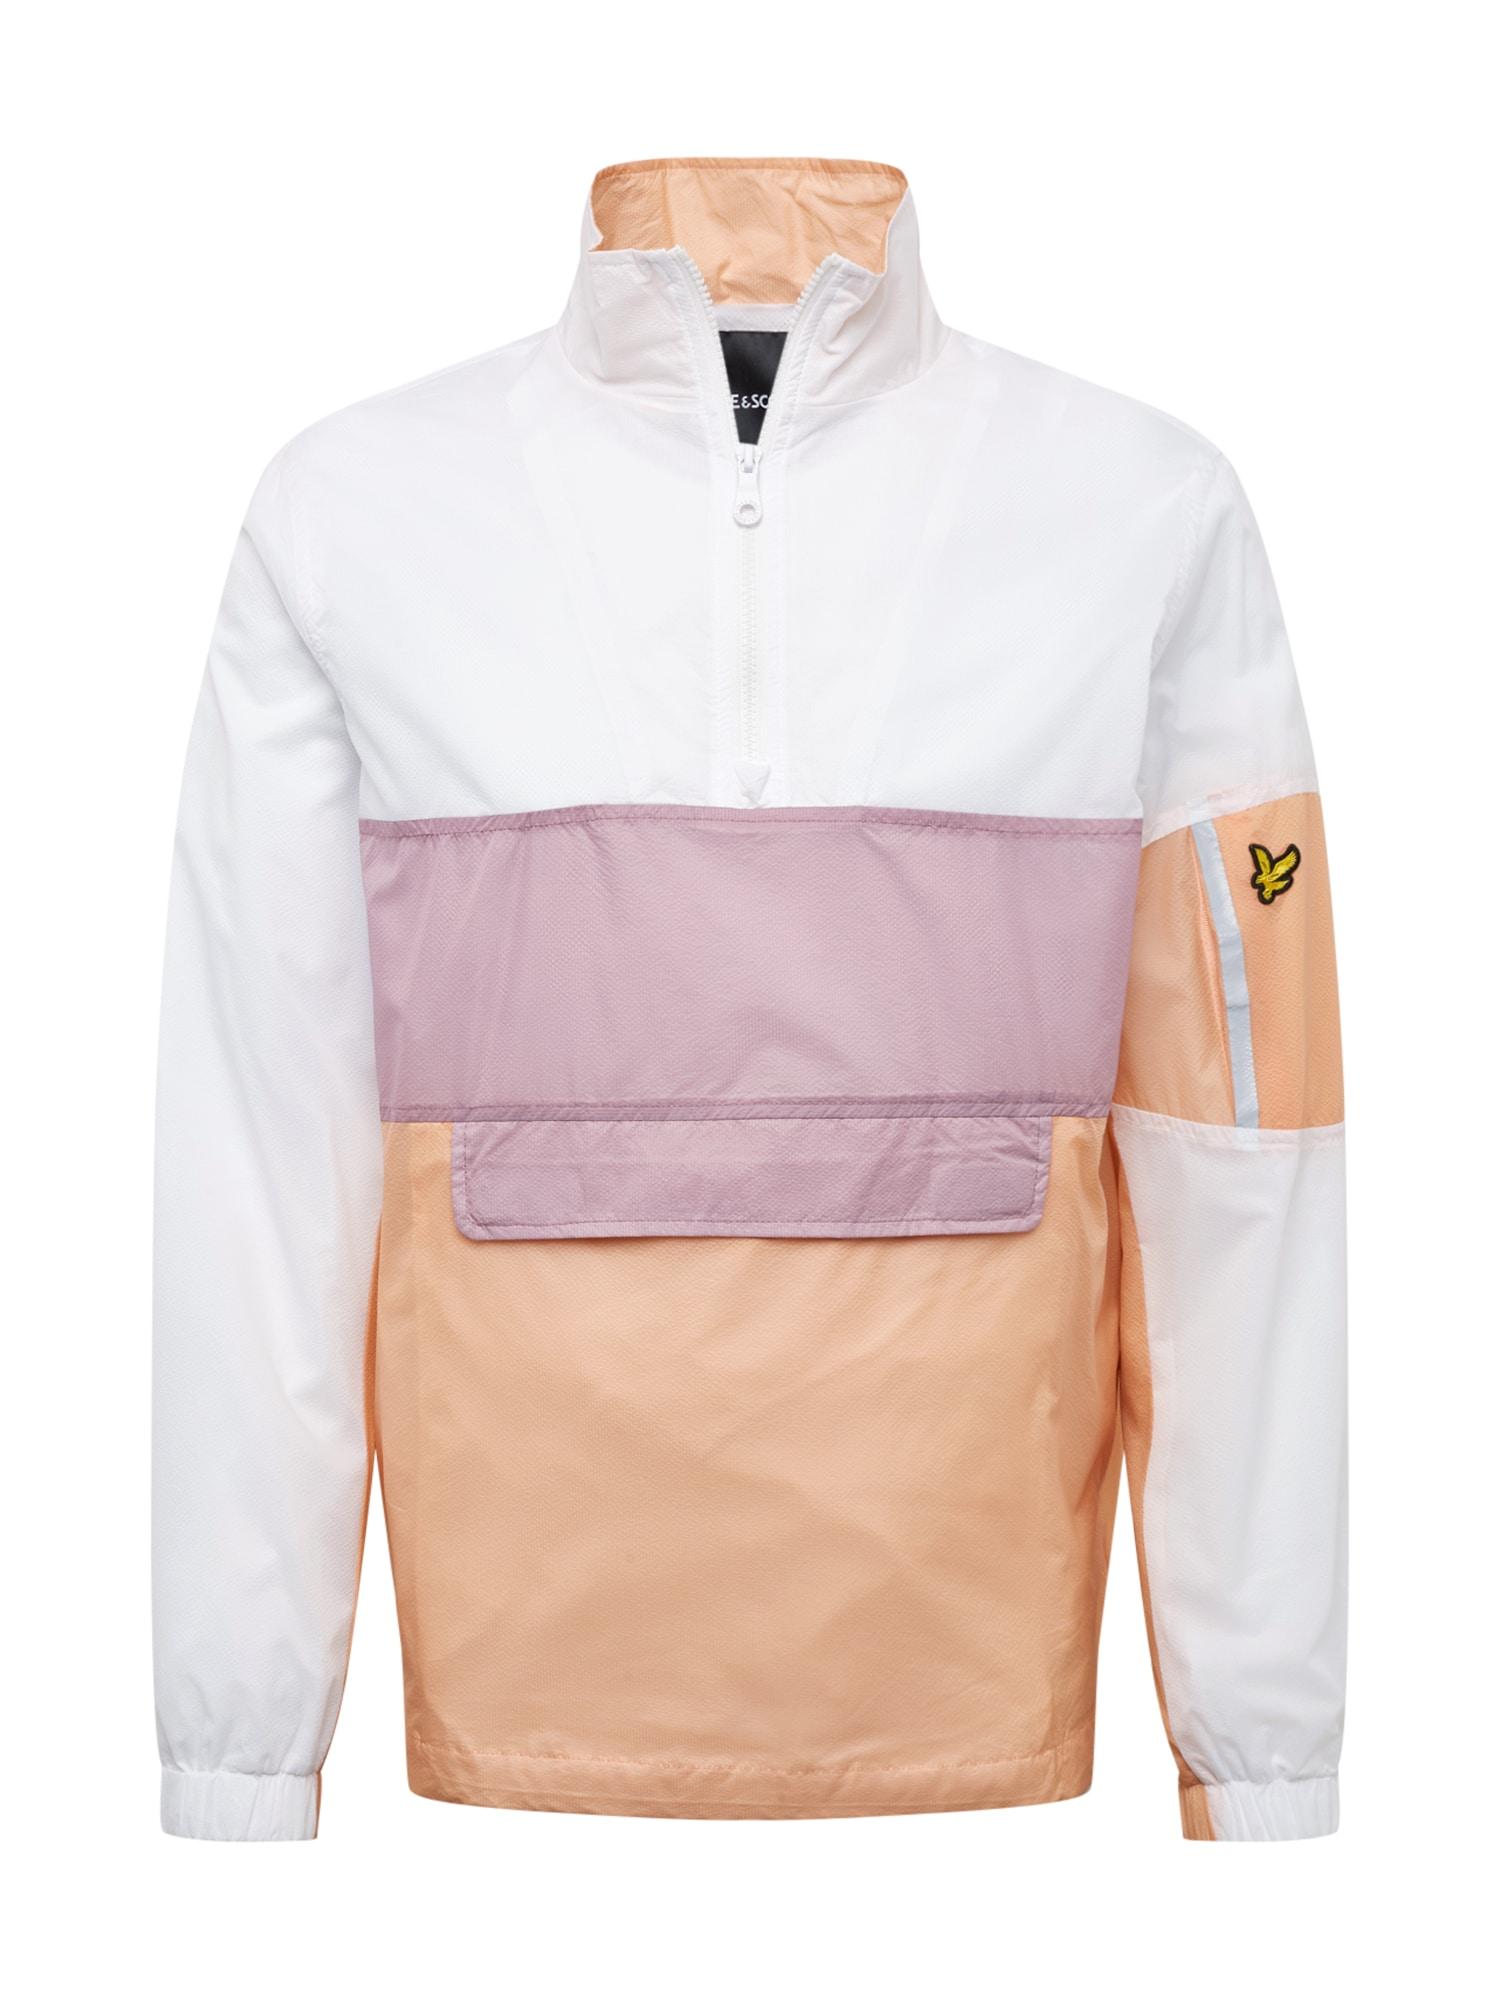 Přechodná bunda Overhead Jacket béžová bílá Lyle & Scott